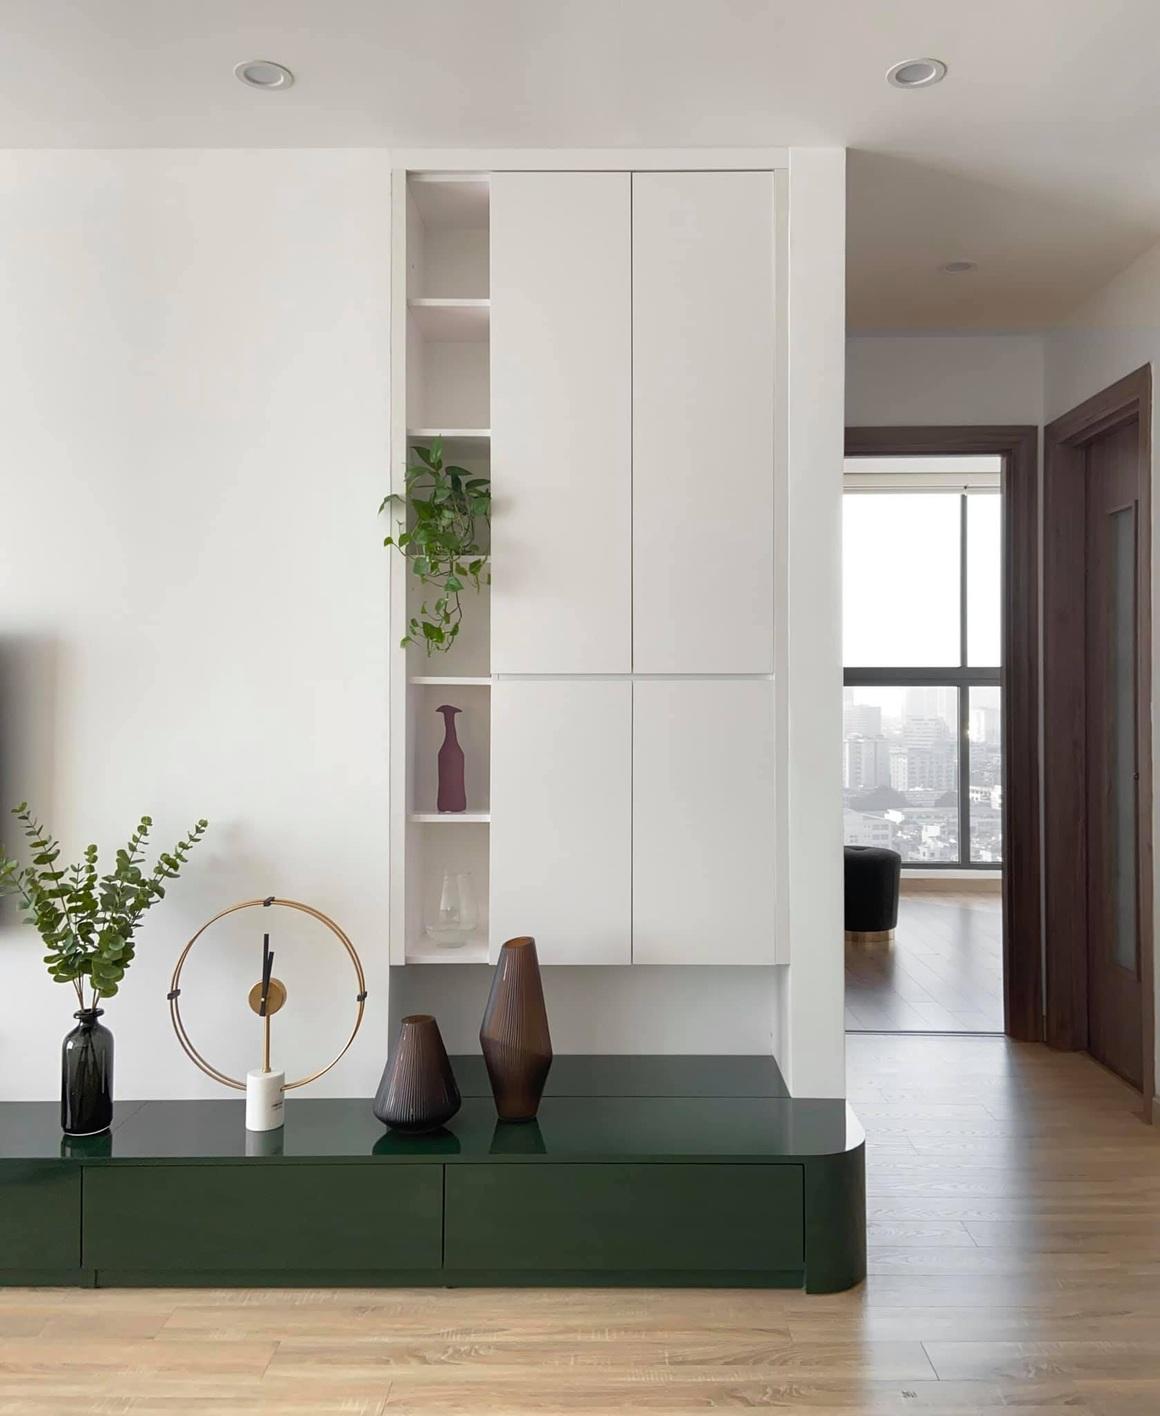 Ngắm căn hộ của gia chủ khó tính: Nội thất đẹp, lạ với tông màu xanh đậm - 9